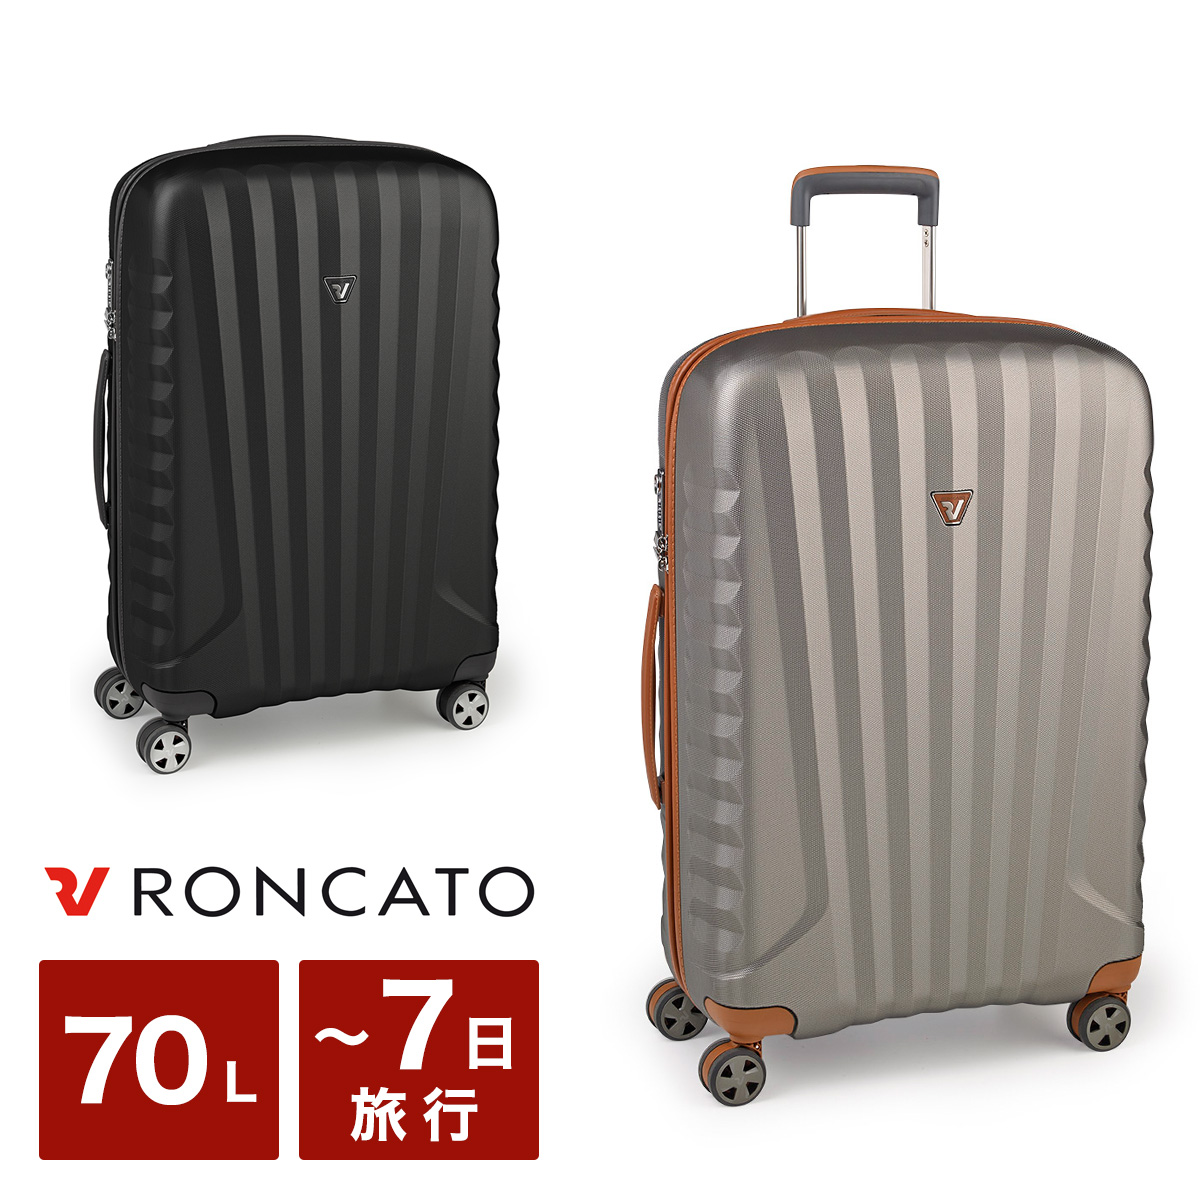 ロンカート スーツケース 70L 67cm 3.1kg ハード ファスナー イタリア製 イーライト 5222 RONCATO E-LITE キャリーケース 軽量 TSAロック搭載 10年保証